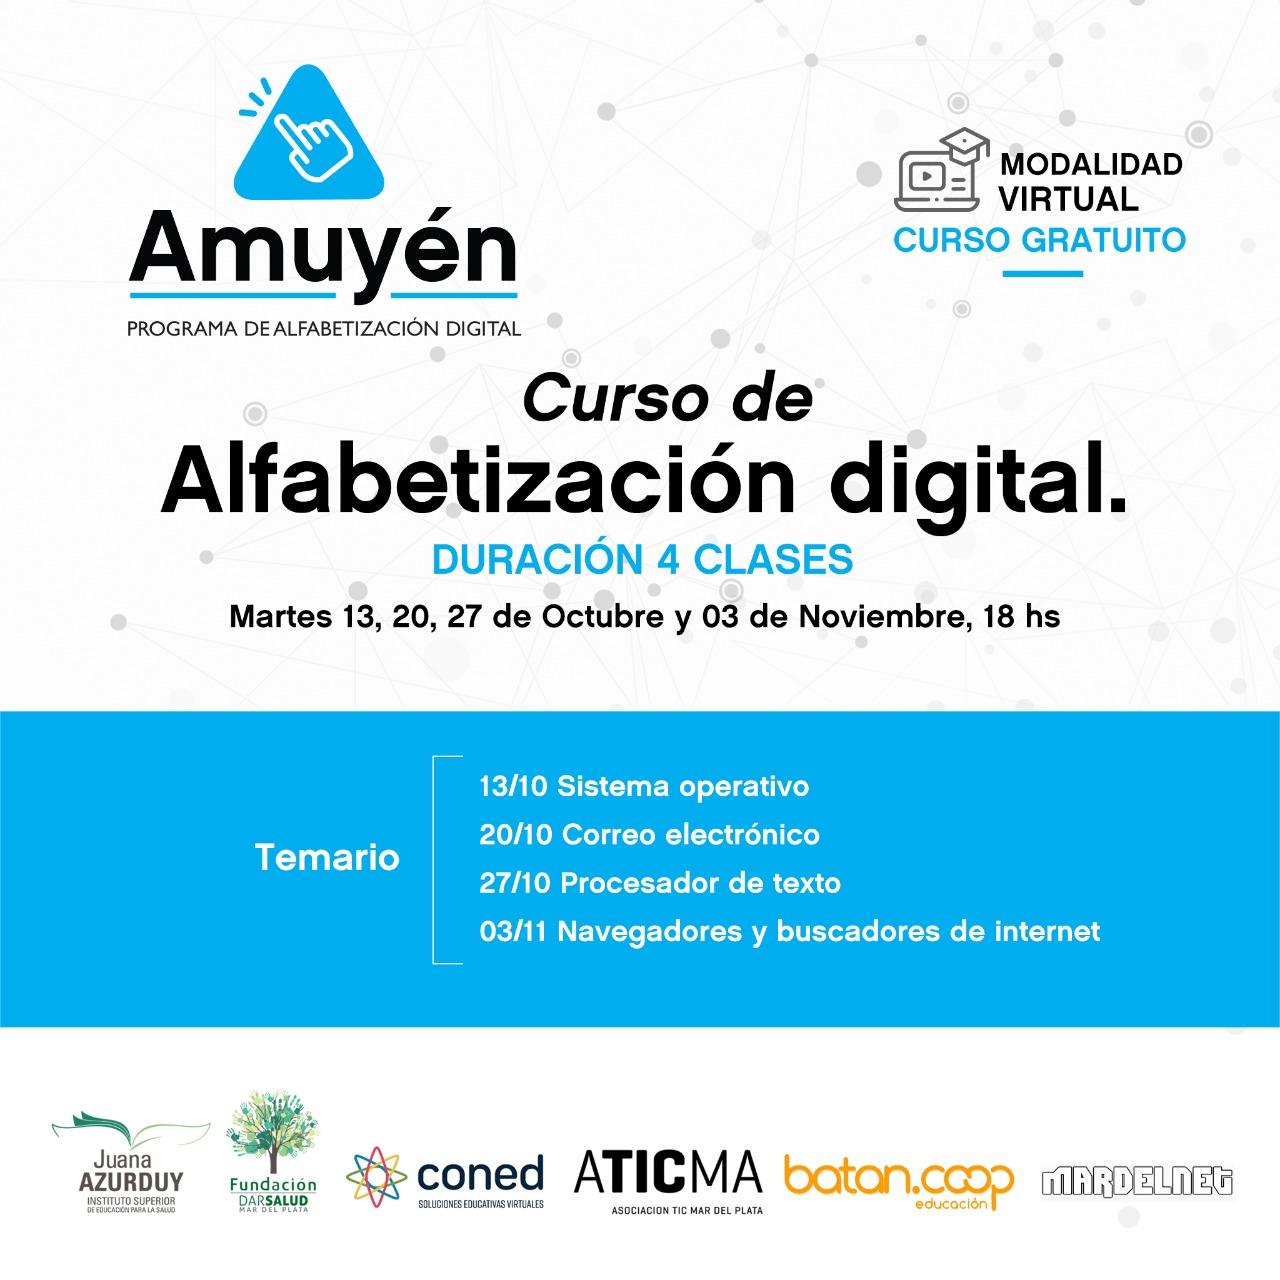 Comenzó el programa de alfabetización digital «Amuyén»